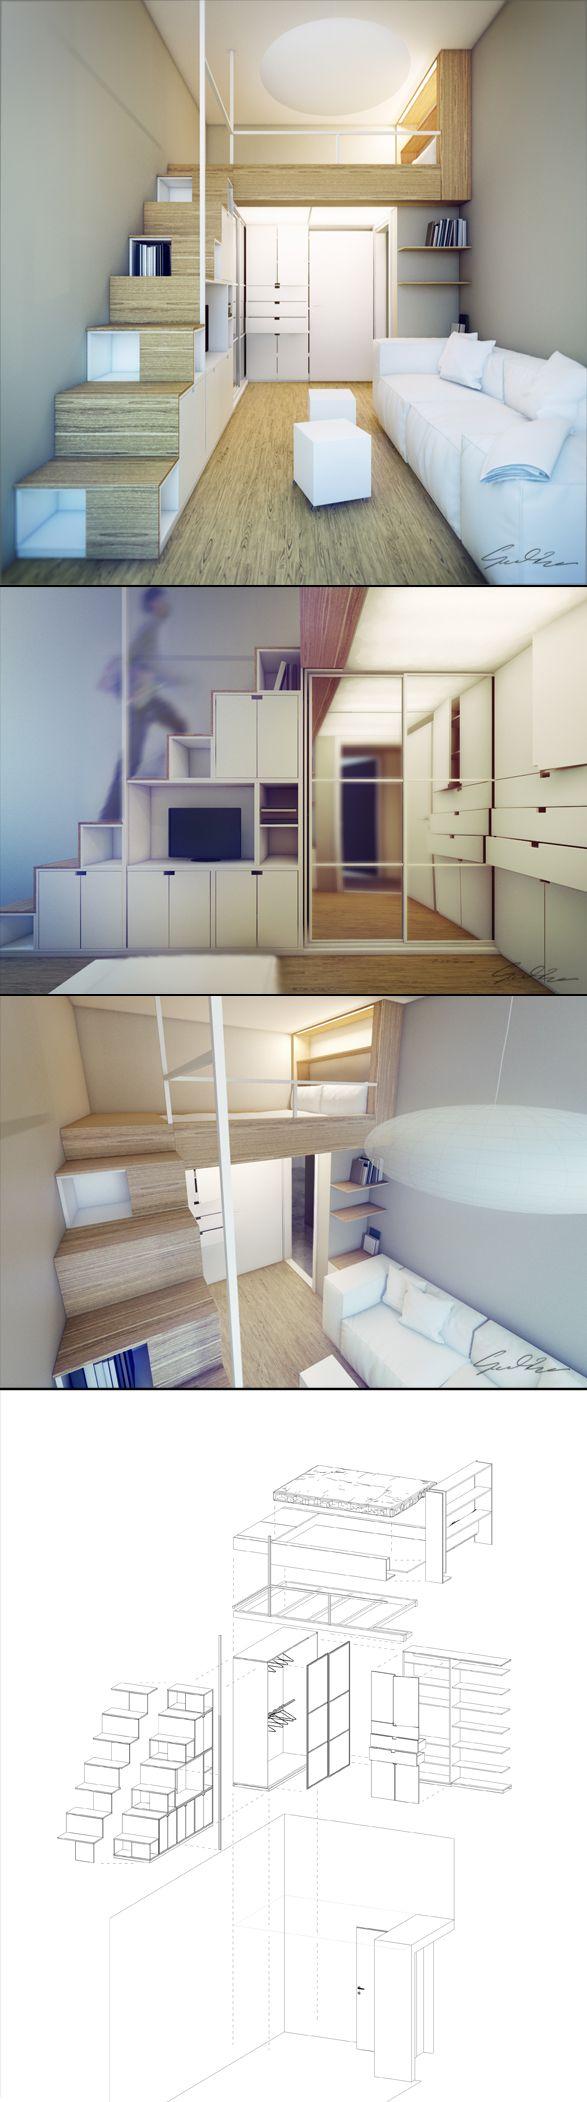 mezzanine pour chambre c t rue rangement sous dans escalier facile d 39 y int grer bureau si. Black Bedroom Furniture Sets. Home Design Ideas